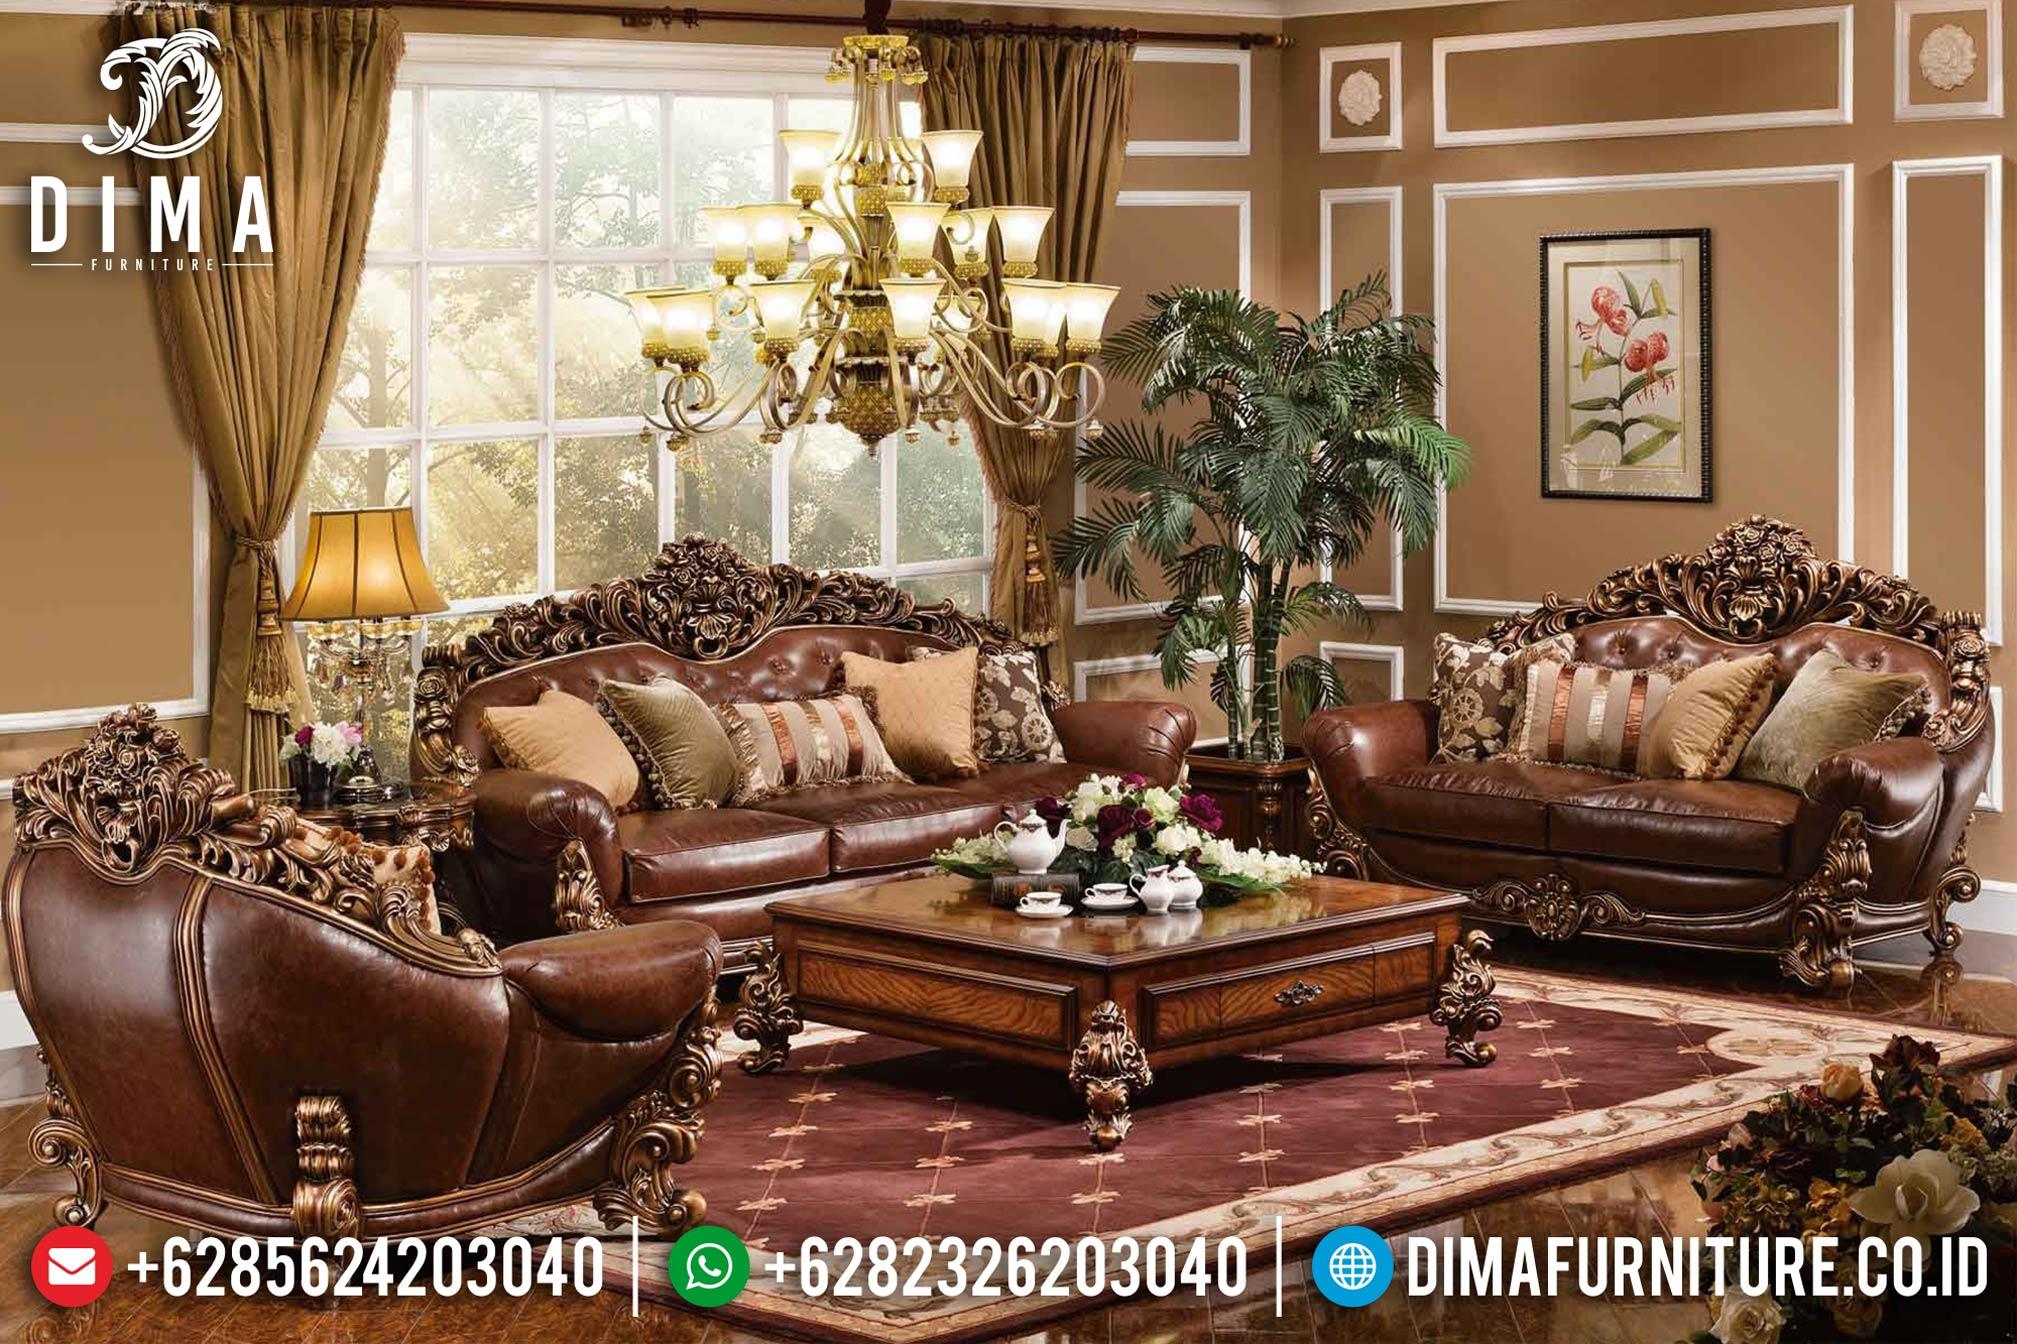 Sofa Tamu Jepara Mewah Minimalis Terbaru 08 Dima Furniture Jepara